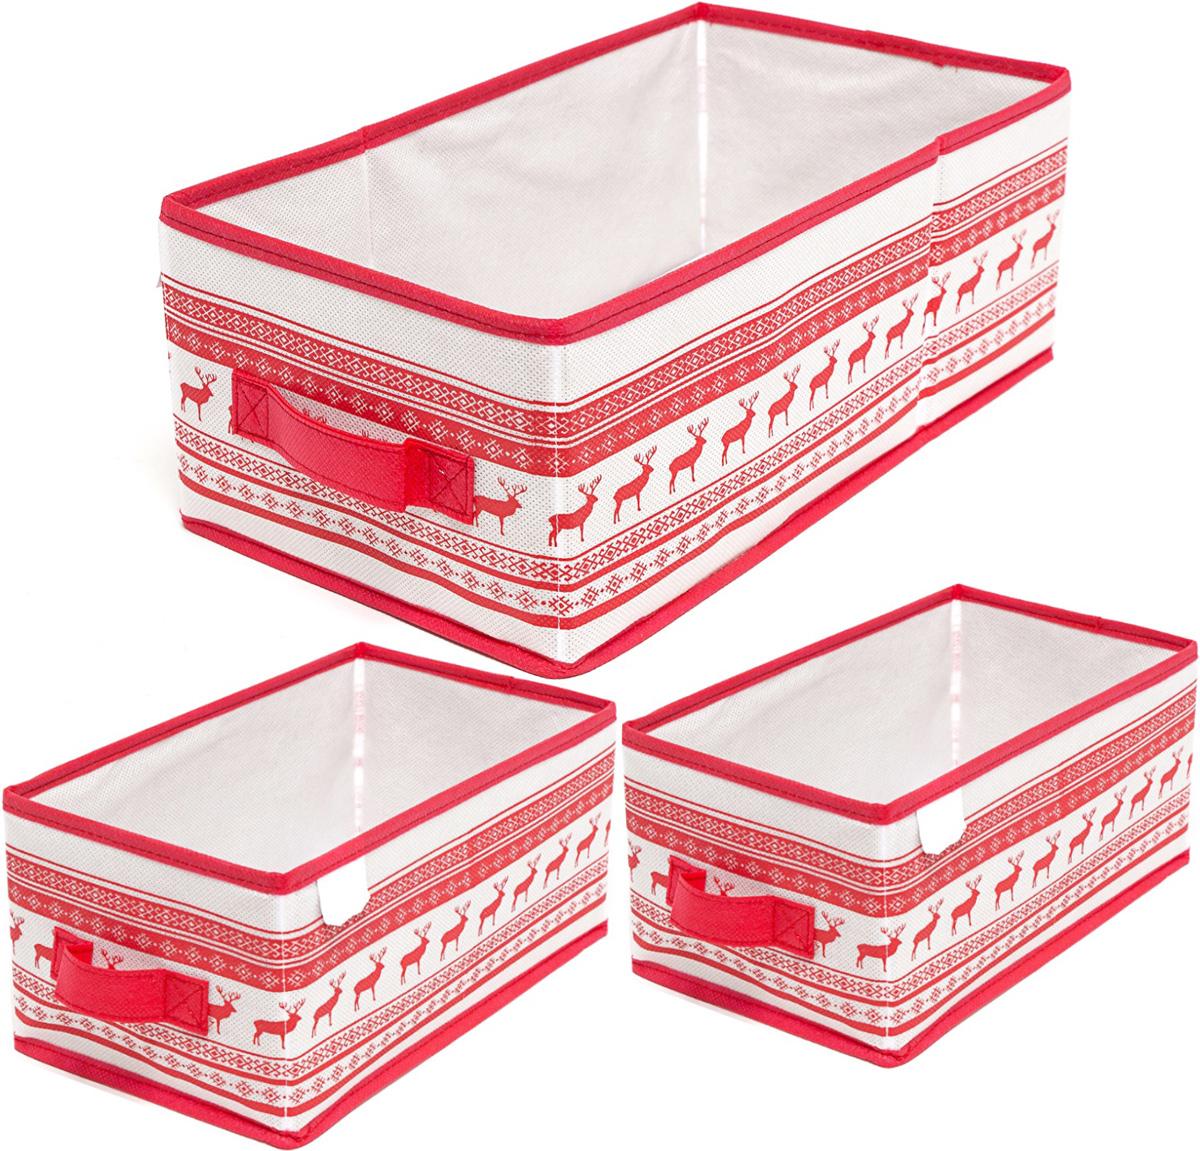 Набор ящиков Homsu Scandinavia, 3 штDEN-83Этот комплект состоит из 3х универсальных коробочек для хранения любых вещей, оптимальный размер которых позволяет хранить в них любые вещи и предметы. Все они имеют жесткие борта, что является гарантией сохраности вещей. 280x140x130; 280x140x130; 370x200x130